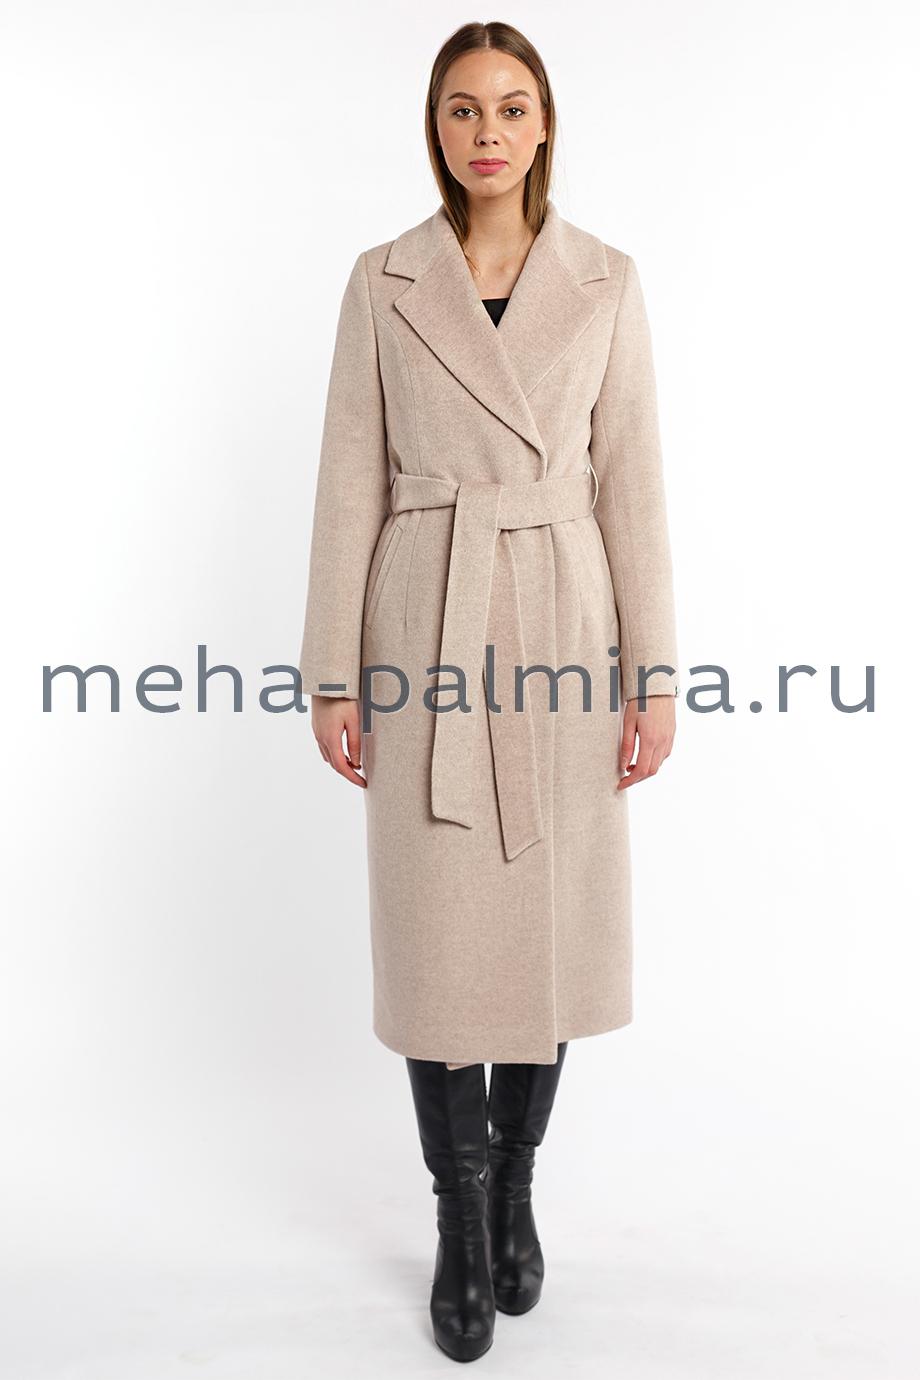 Женское приталенное пальто в цвете жемчуг